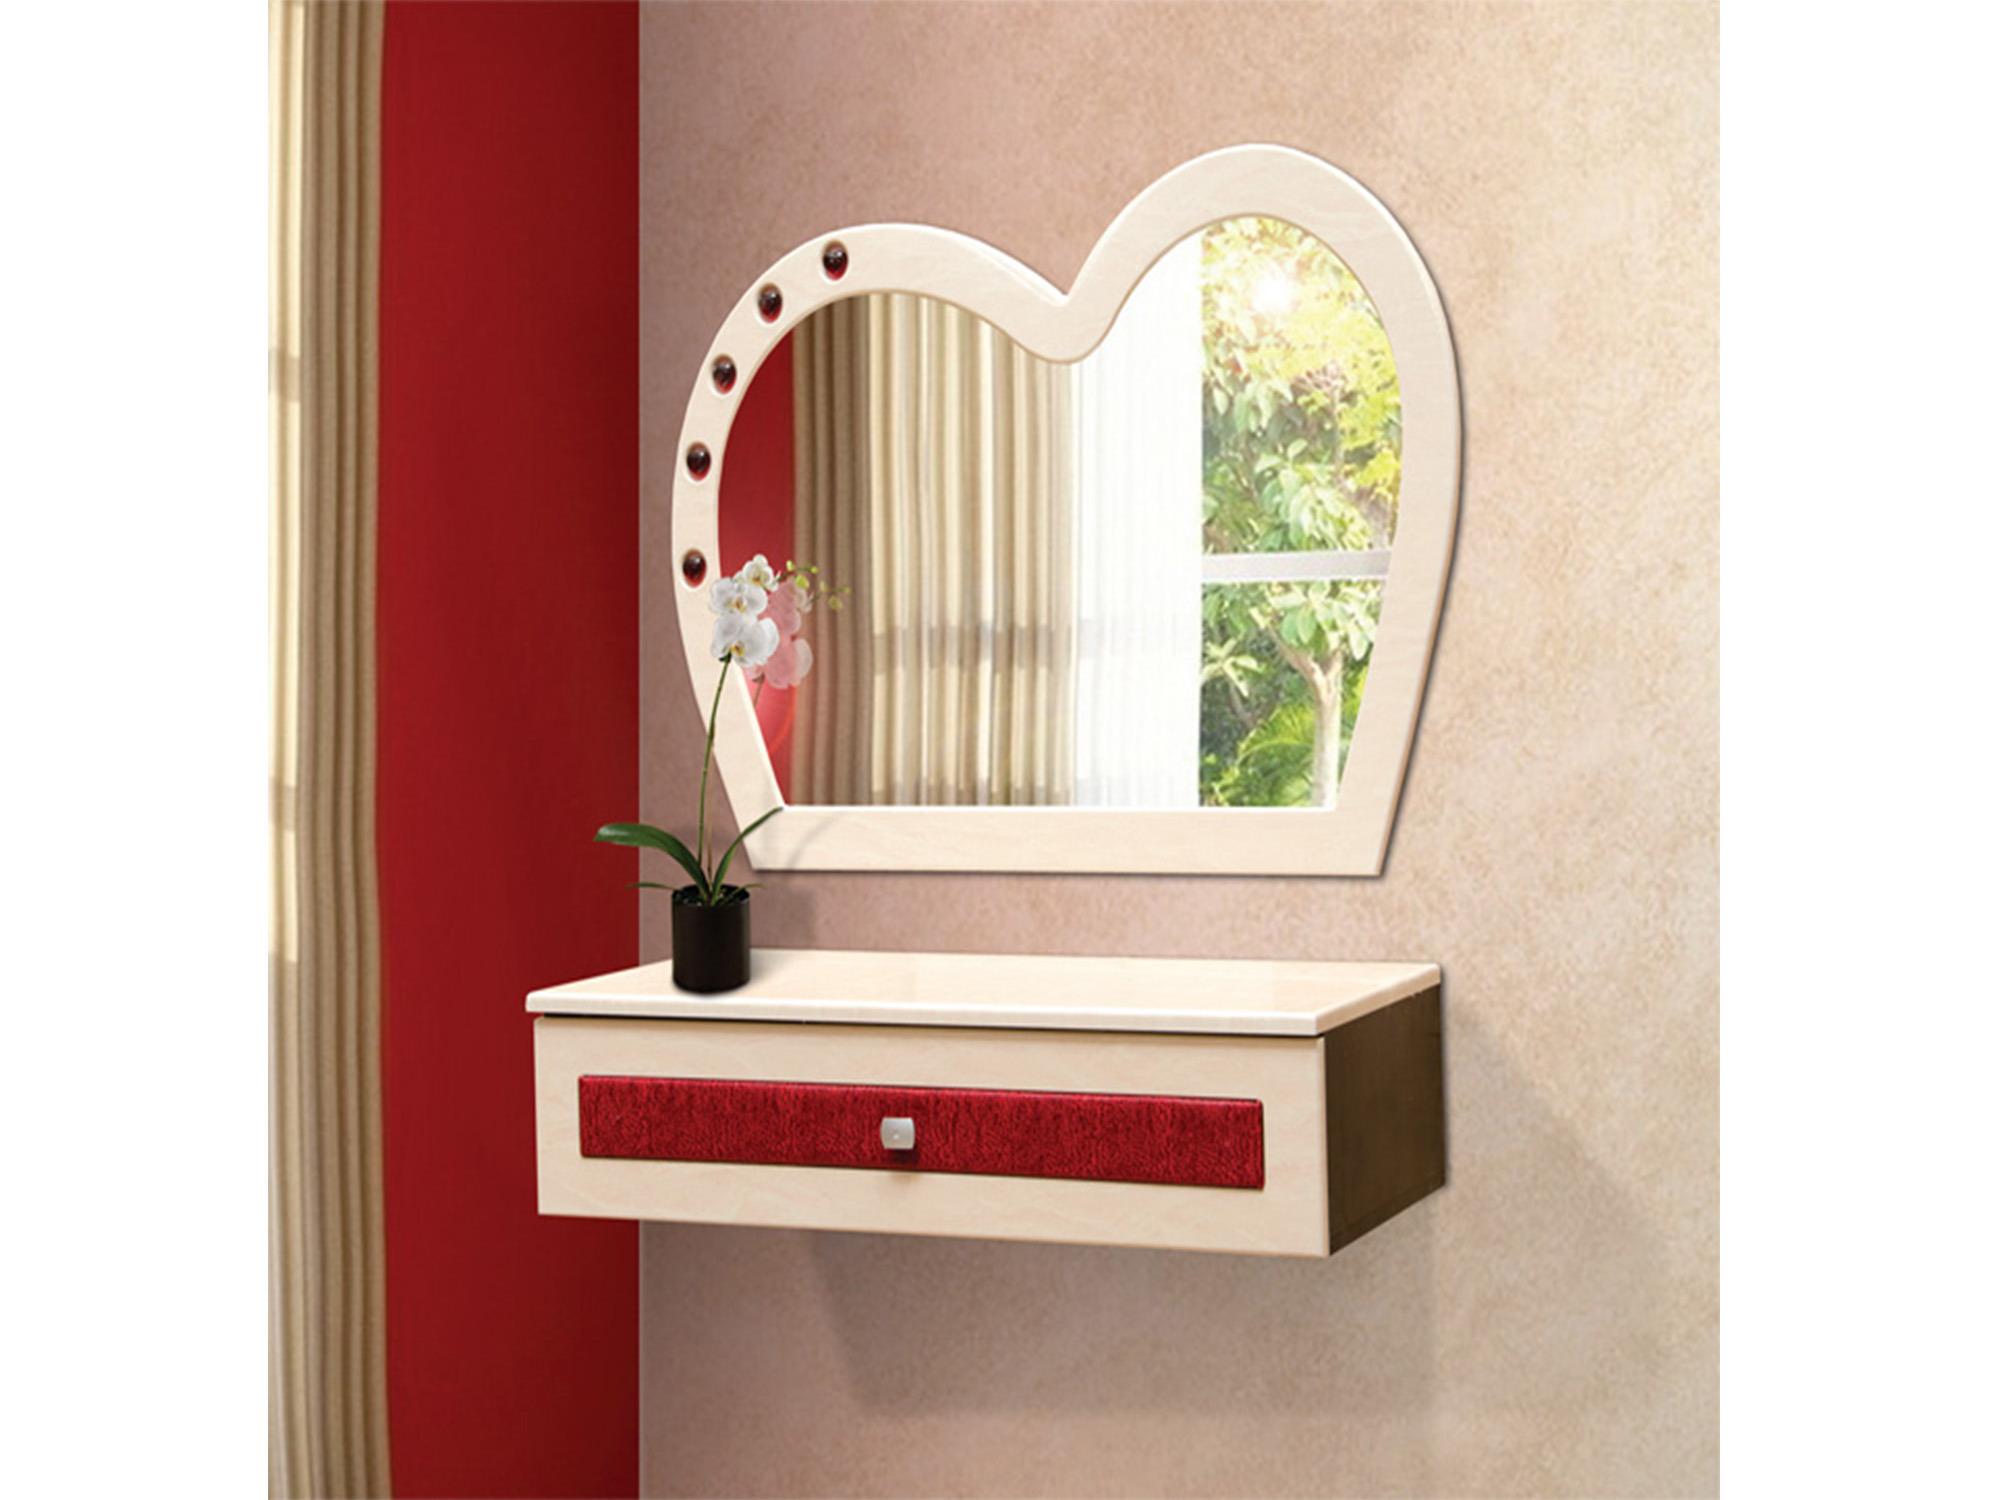 Стол туалетный навесной Кокетка-1Туалетные столики<br><br><br>Длина мм: 1200<br>Высота мм: 750<br>Глубина мм: 500